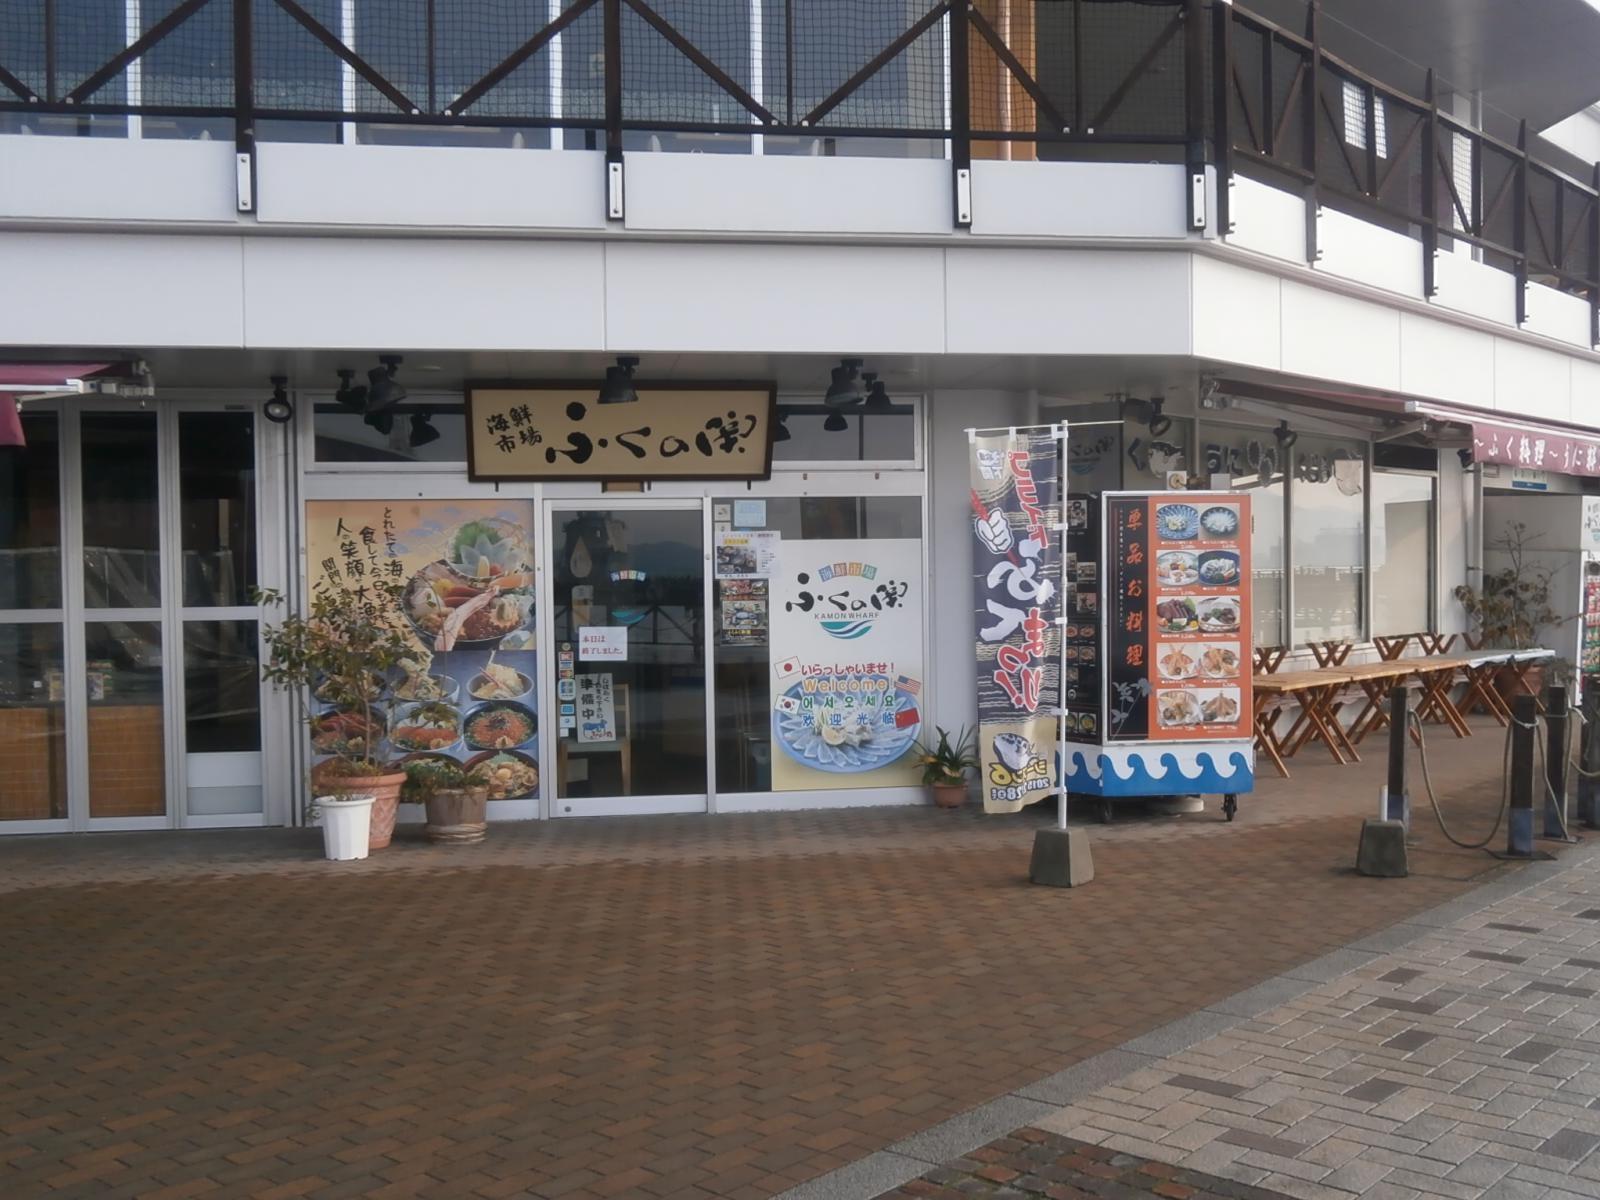 2. Fukunoseki Kamon Wharf Store